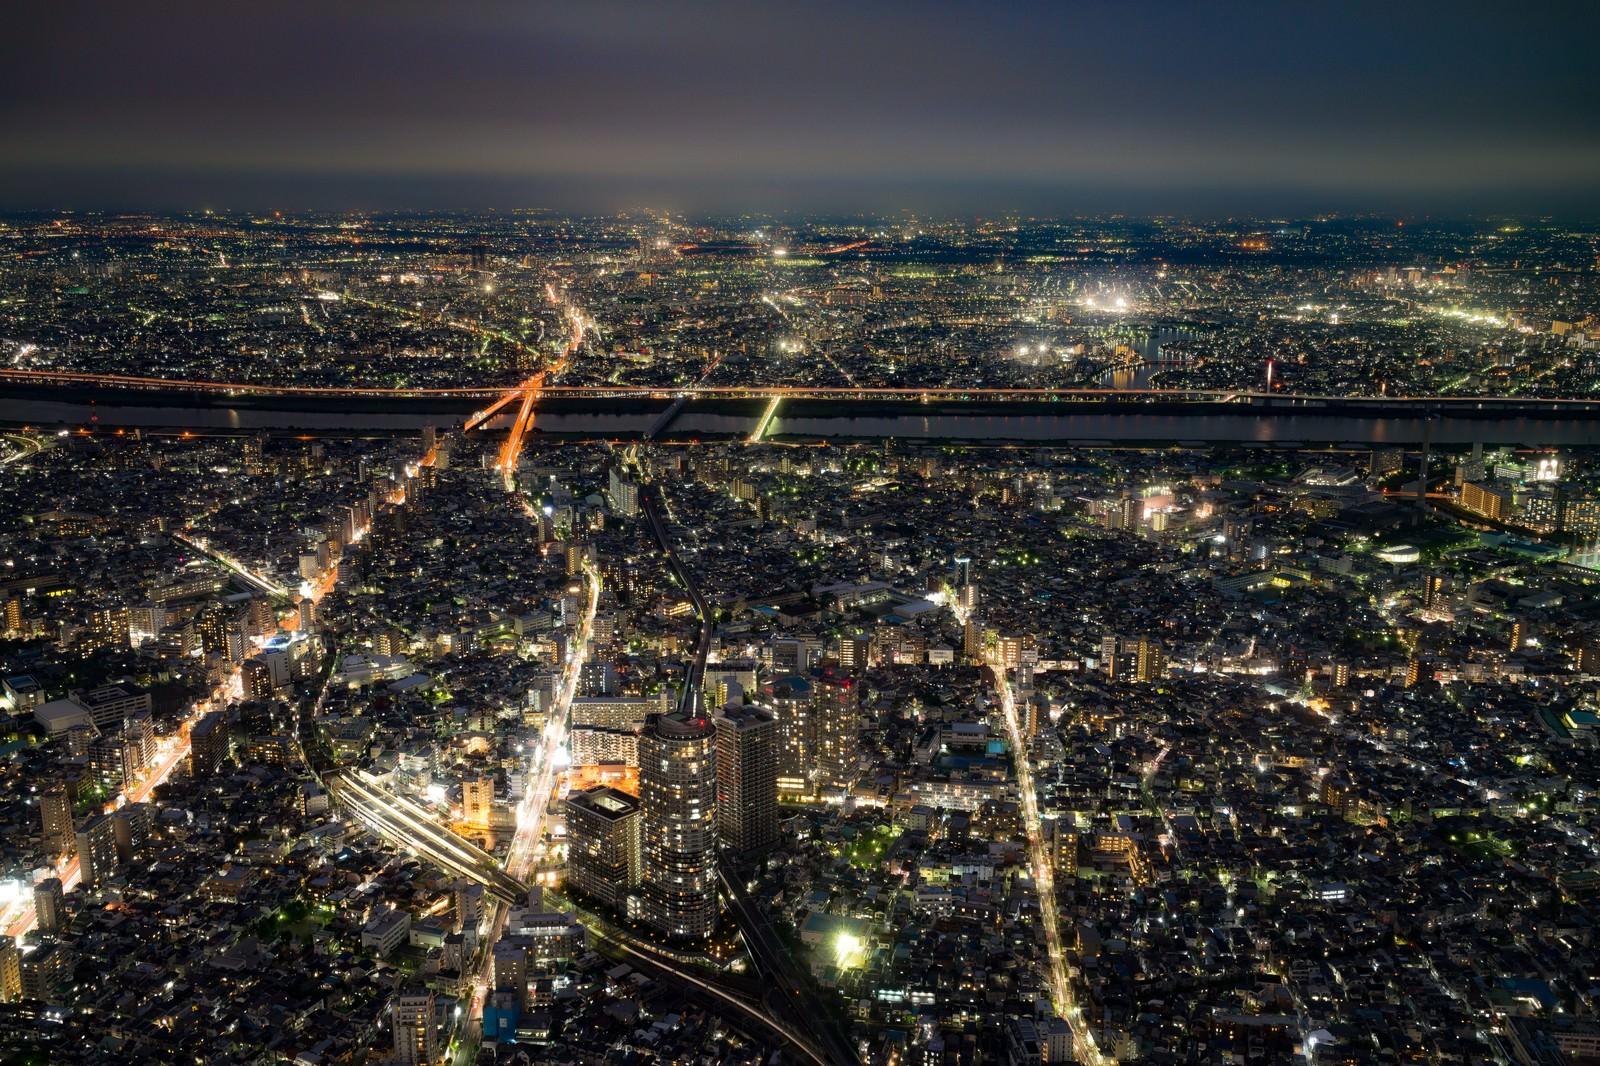 街並みの夜景無料の写真素材はフリー素材のぱくたそ